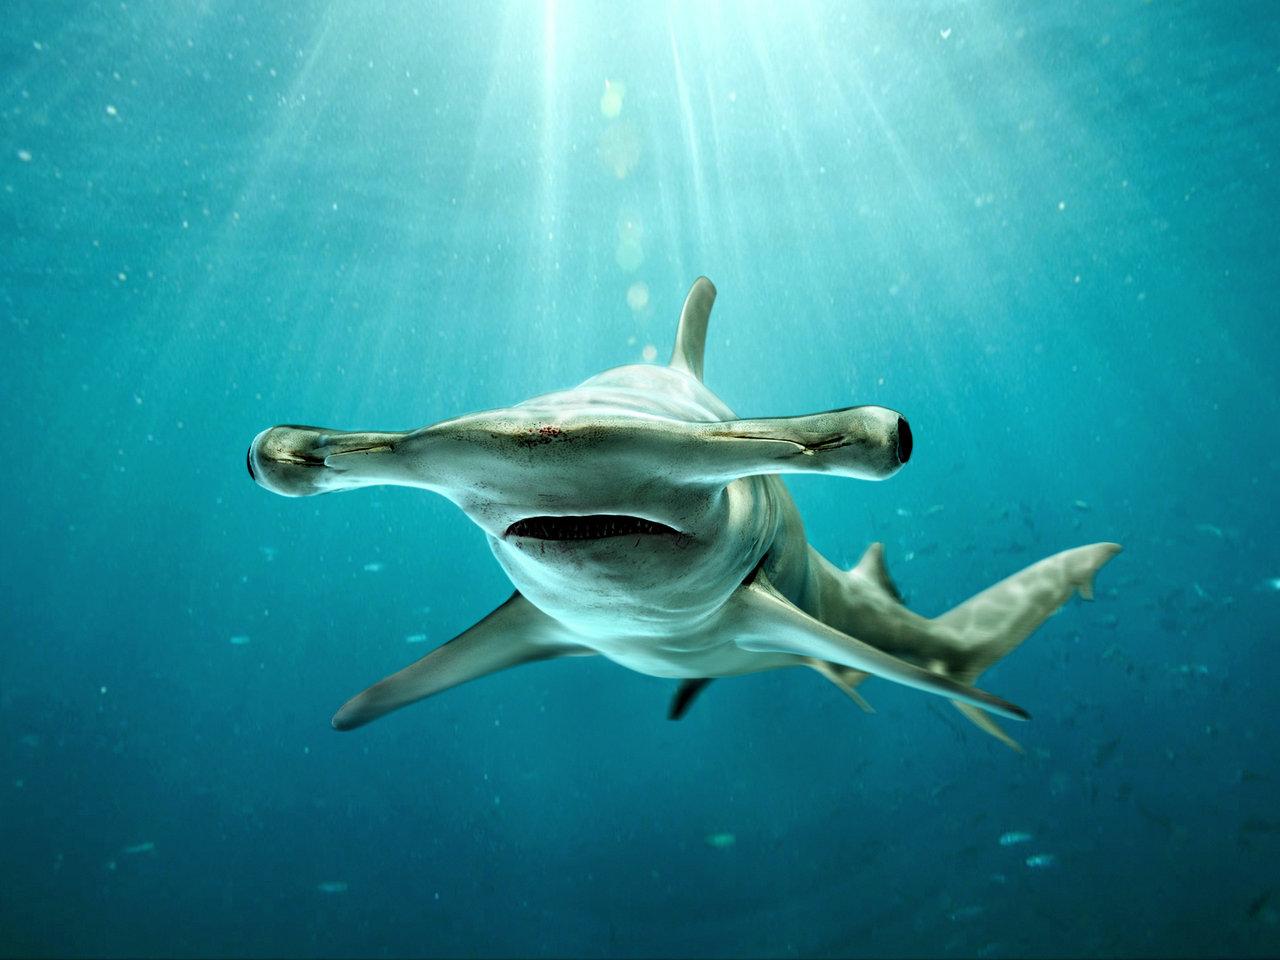 Welcome To The World Of Fish Maret 2016 Kaos Ikan Hiu Shark Ini Menyerupai Martil Sehingga Dinamakan Great Hammerhead Dari Genus Sphyrna Adalah Anggota Famili Sphyrnidae